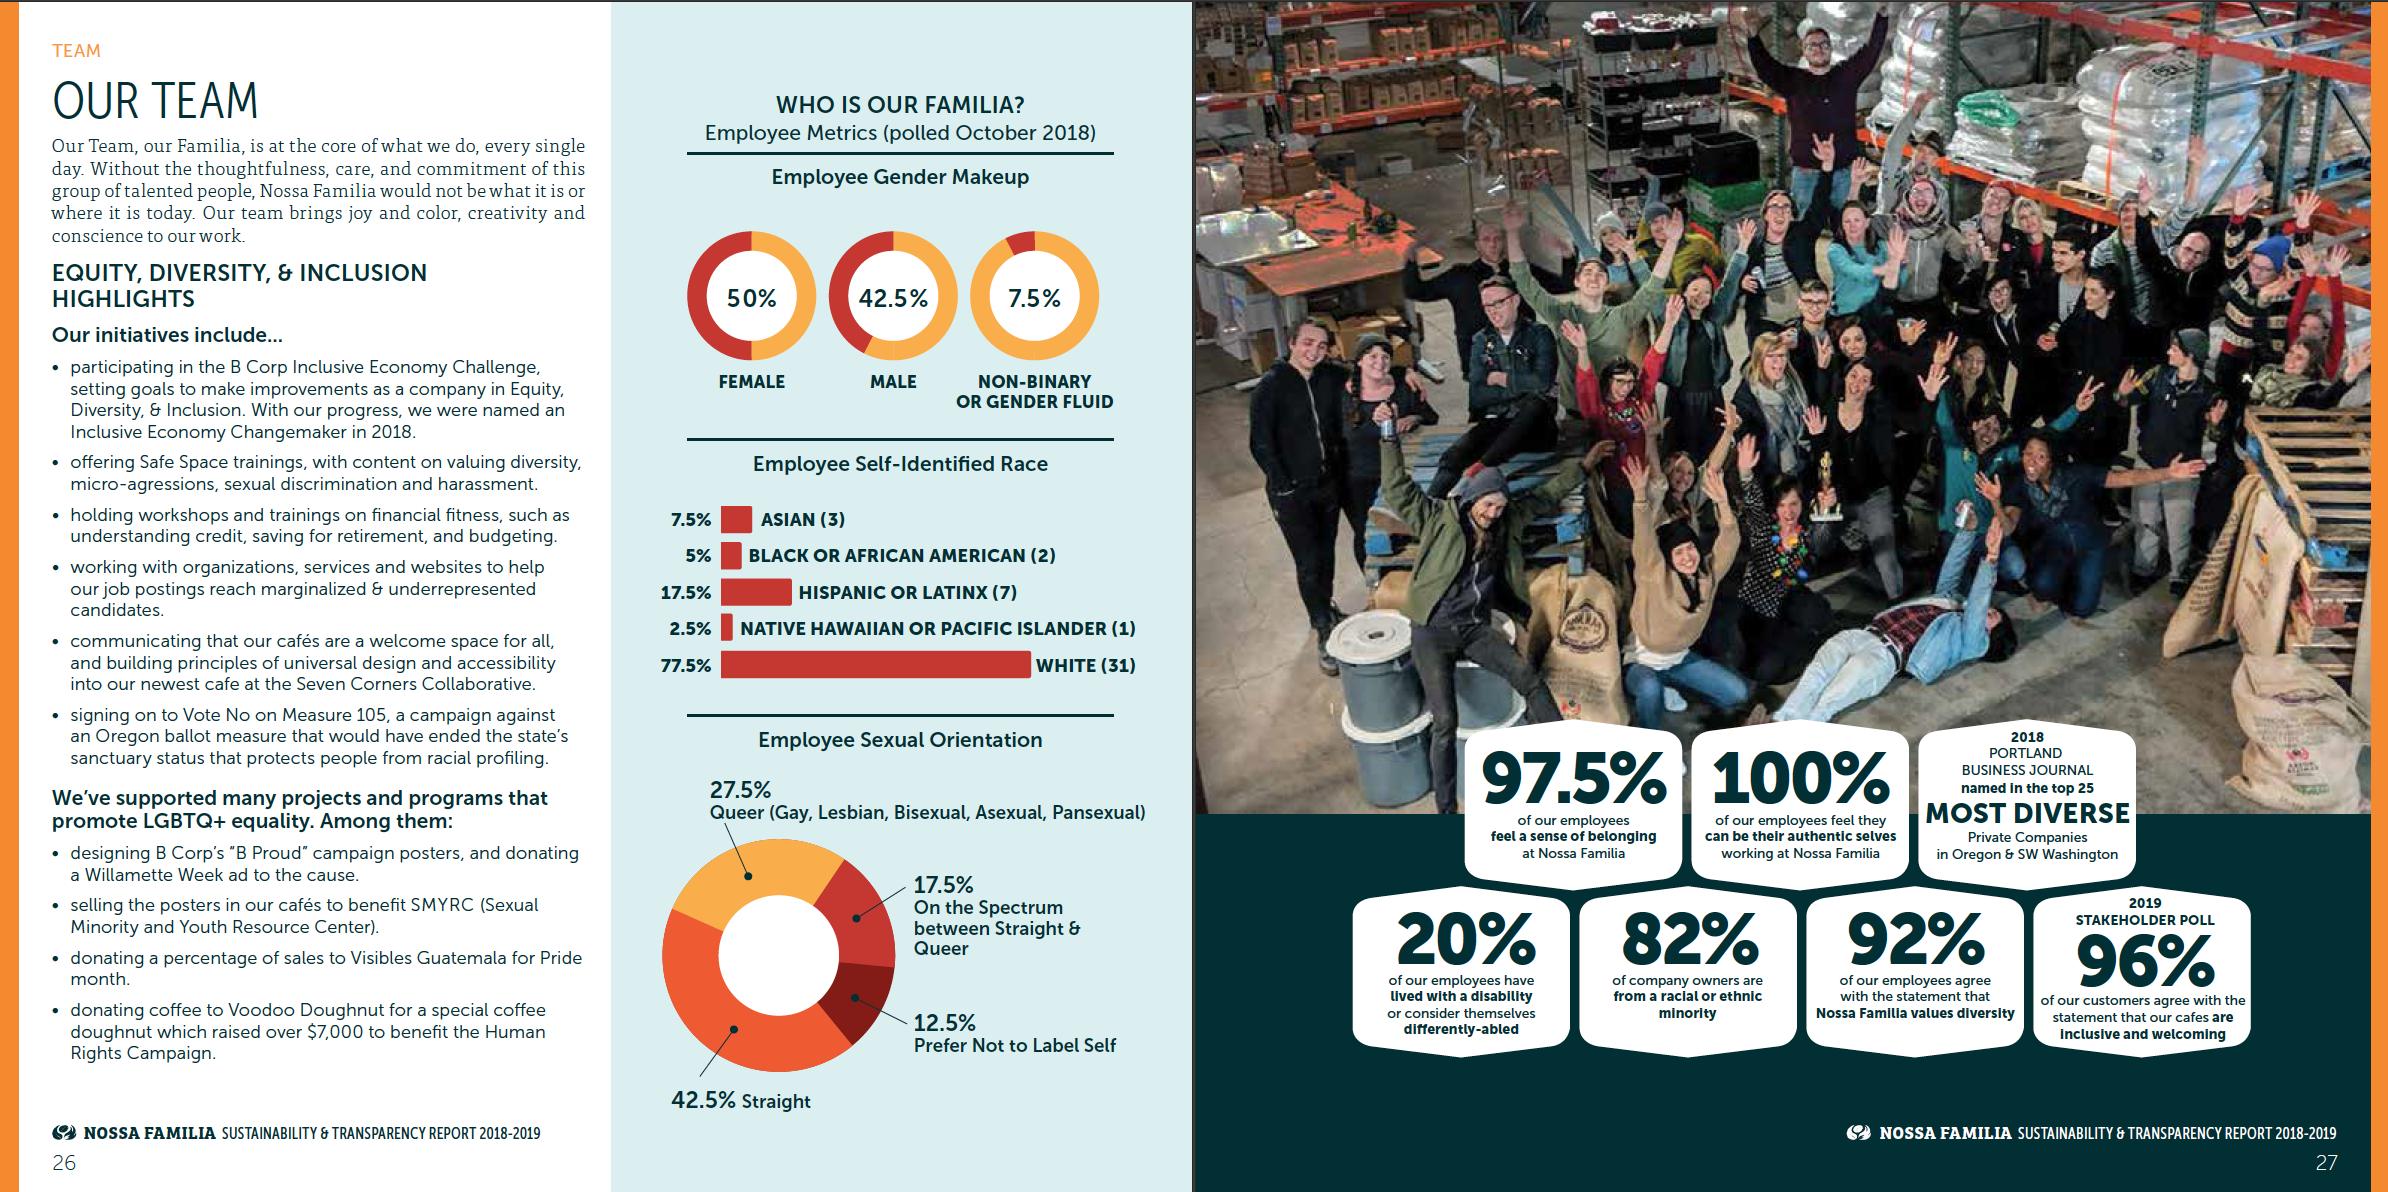 nossa-familia-sustainability-report-p14.png